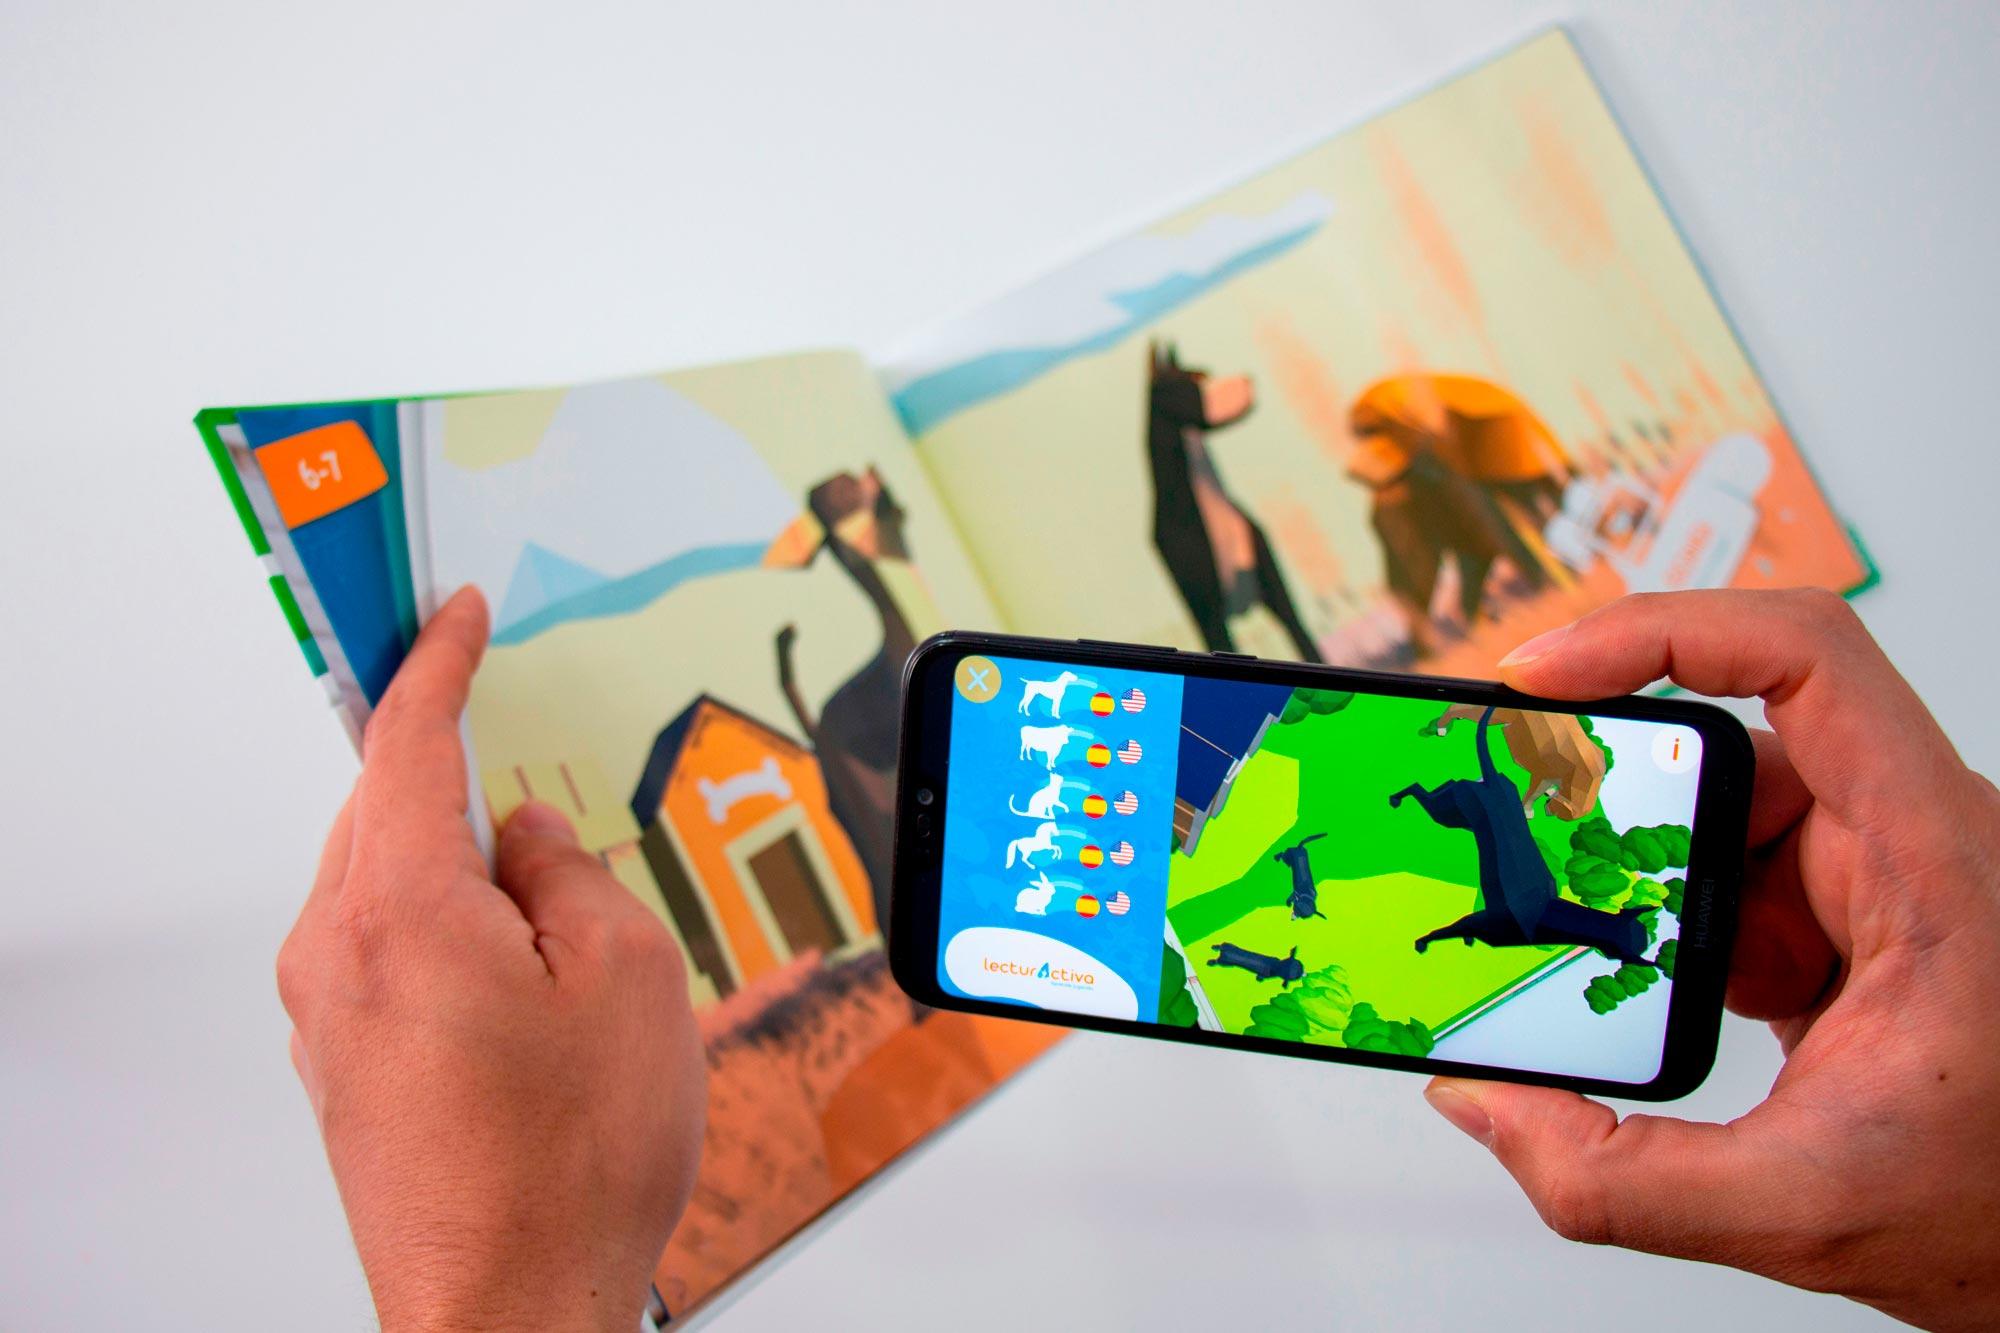 libros-interactivos-bilingues-para-niños-y-jovenes-0060